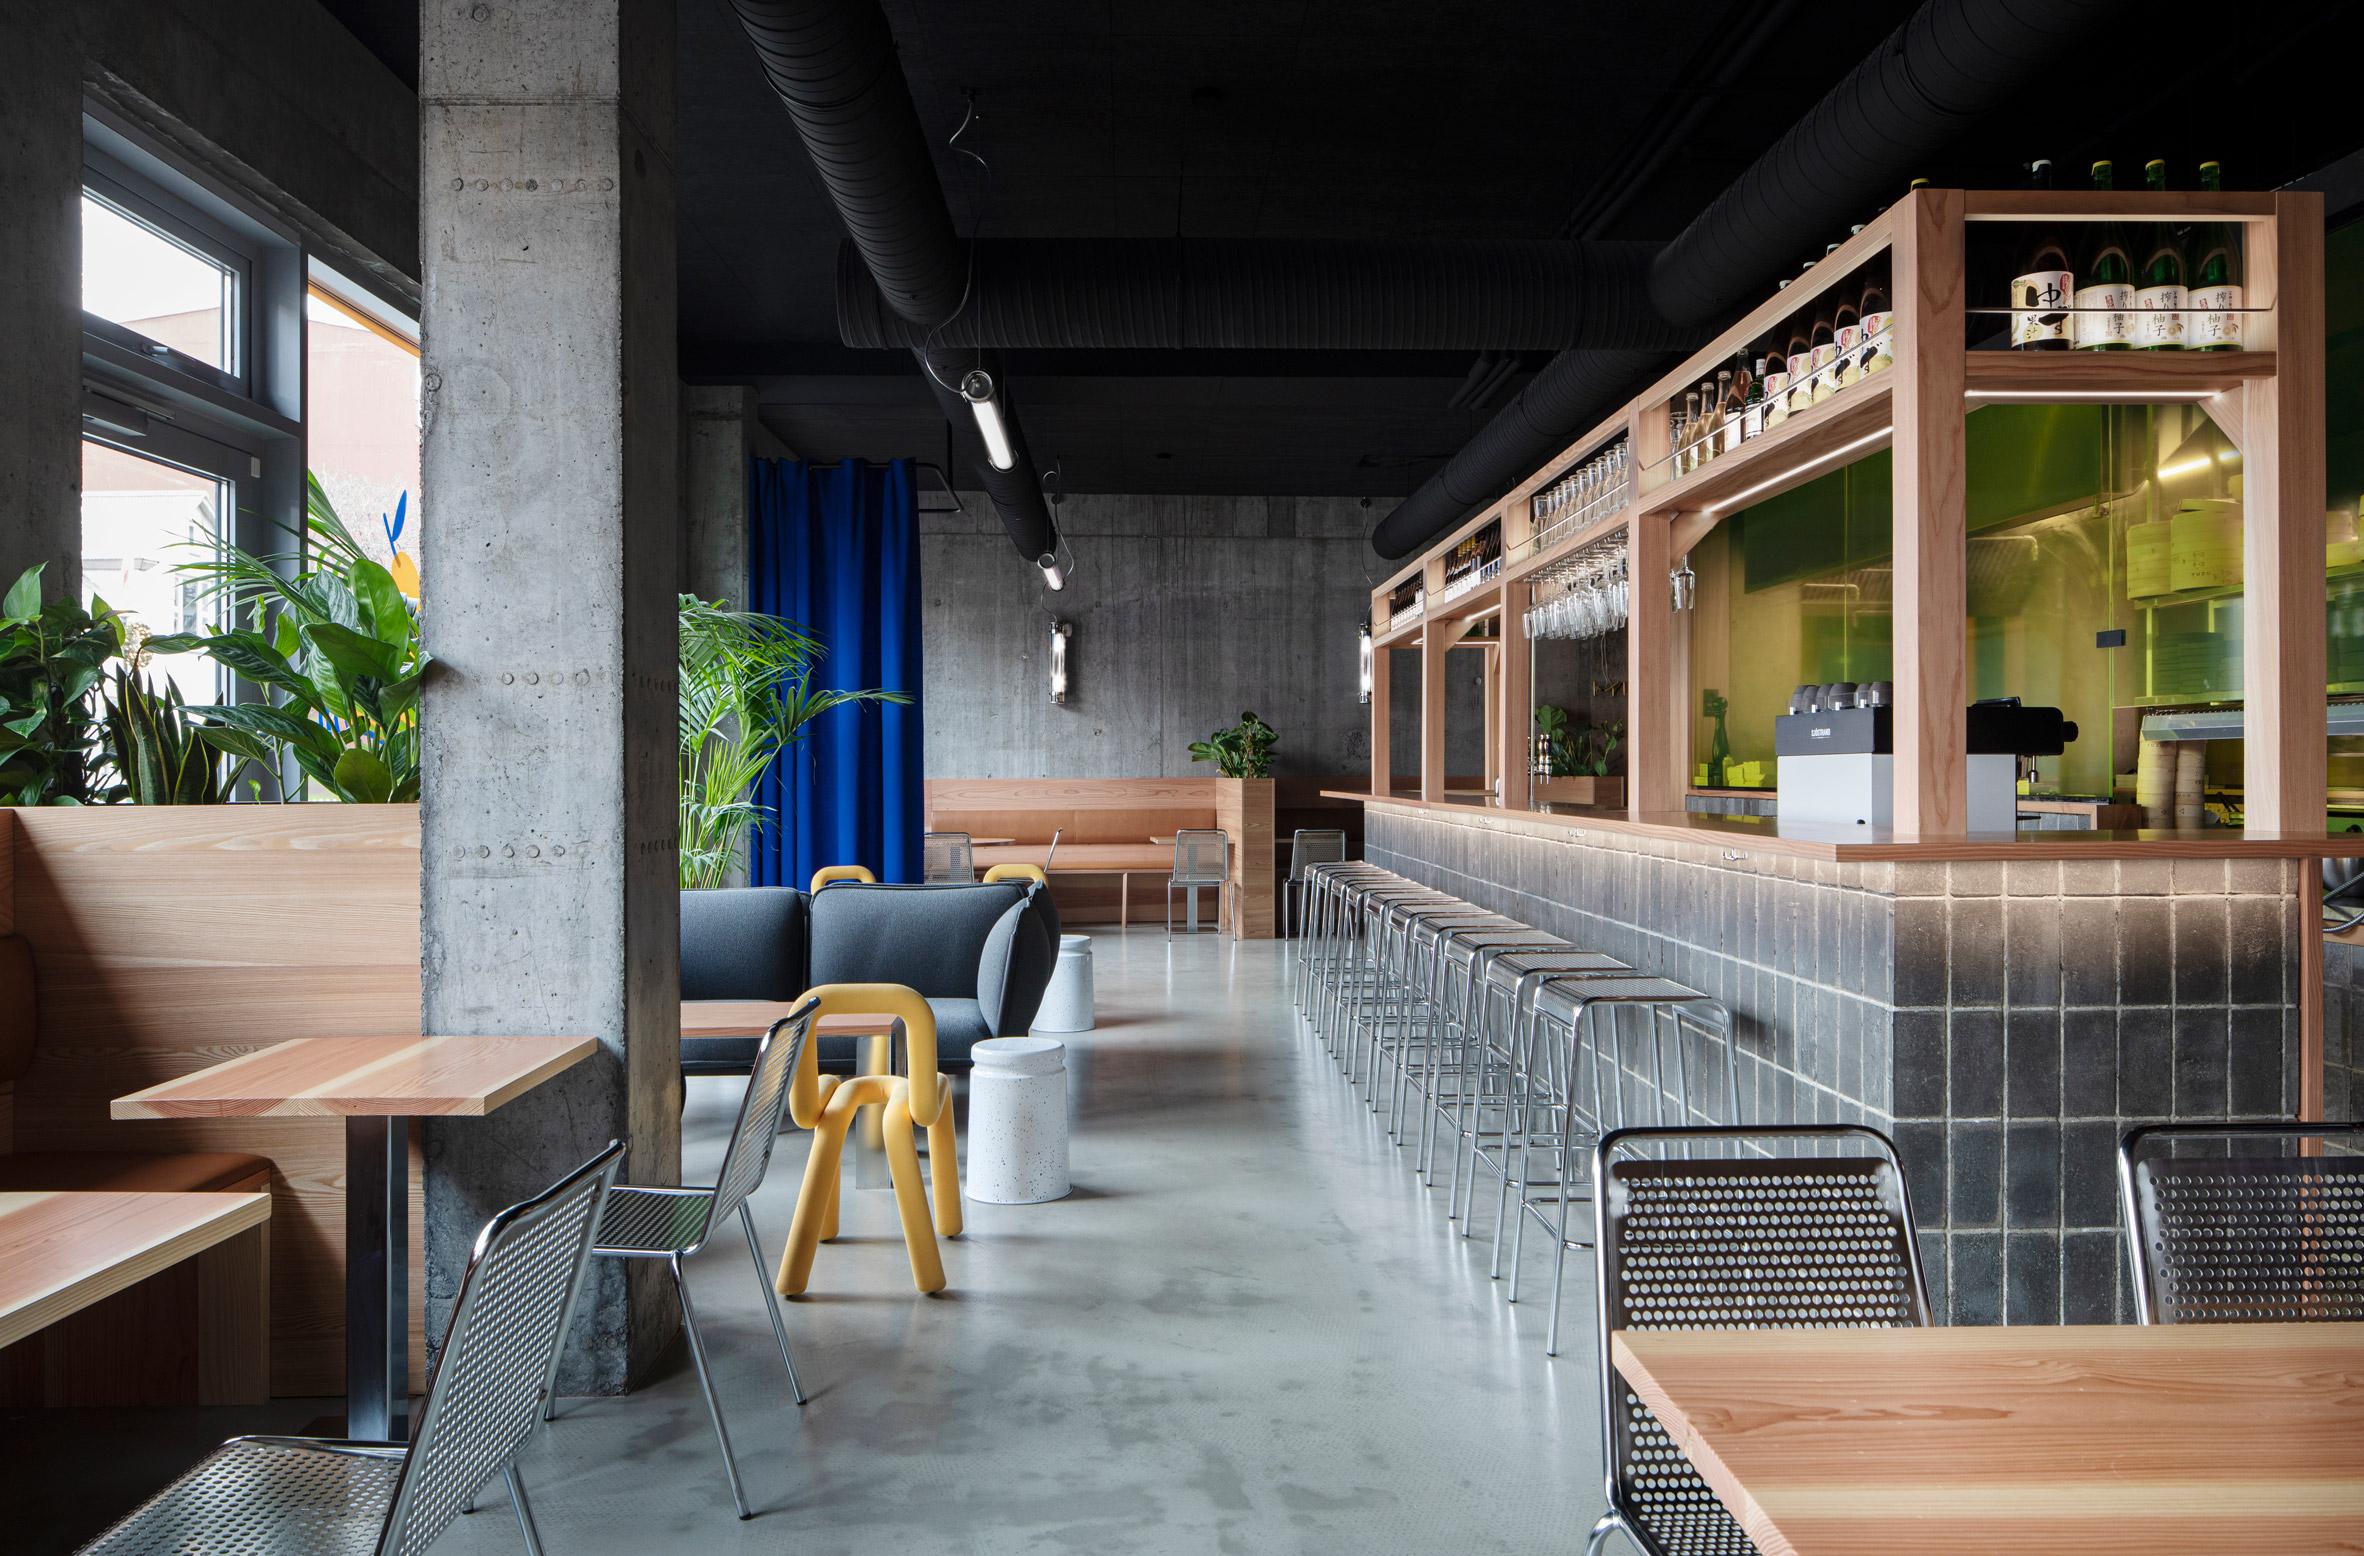 Haf Studio Designs Interiors Of Reykjavik Burger Restaurant Yuzu